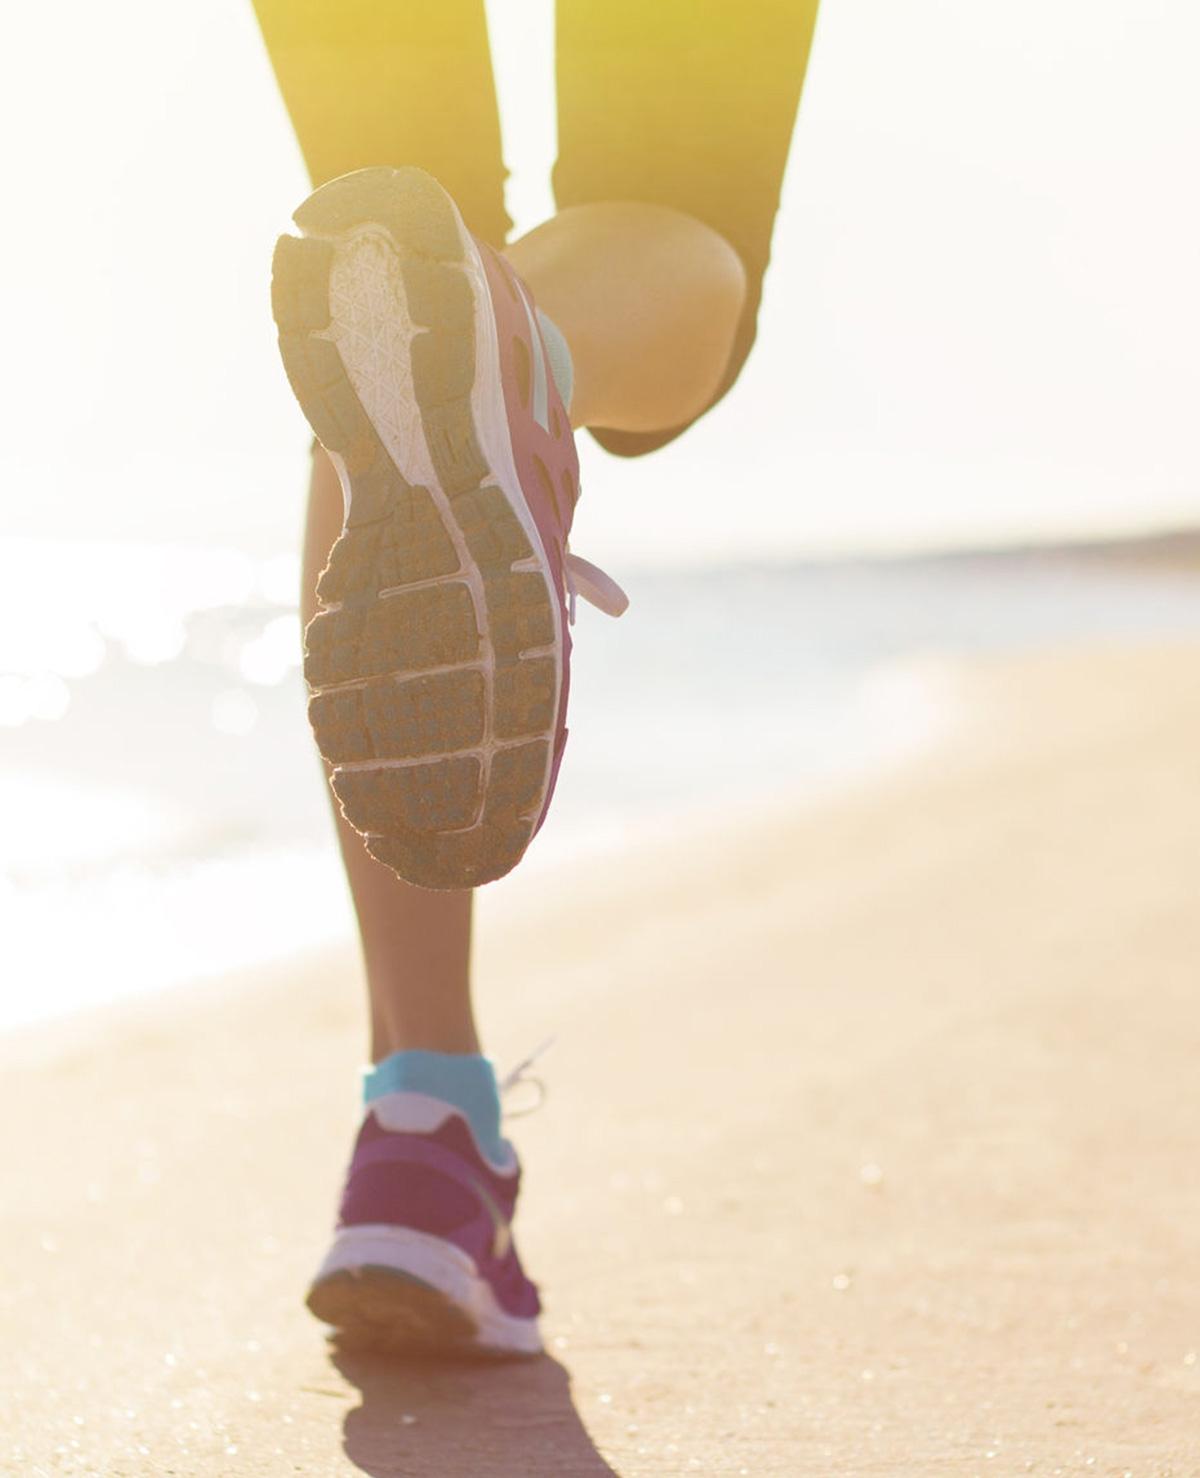 10x voordelen van hardlopen!